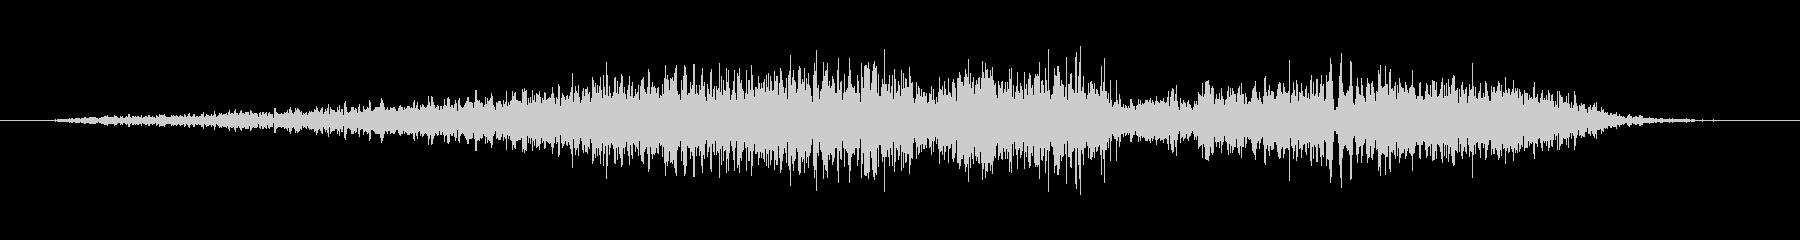 悪魔 ダークボイスリバーストラップ01の未再生の波形